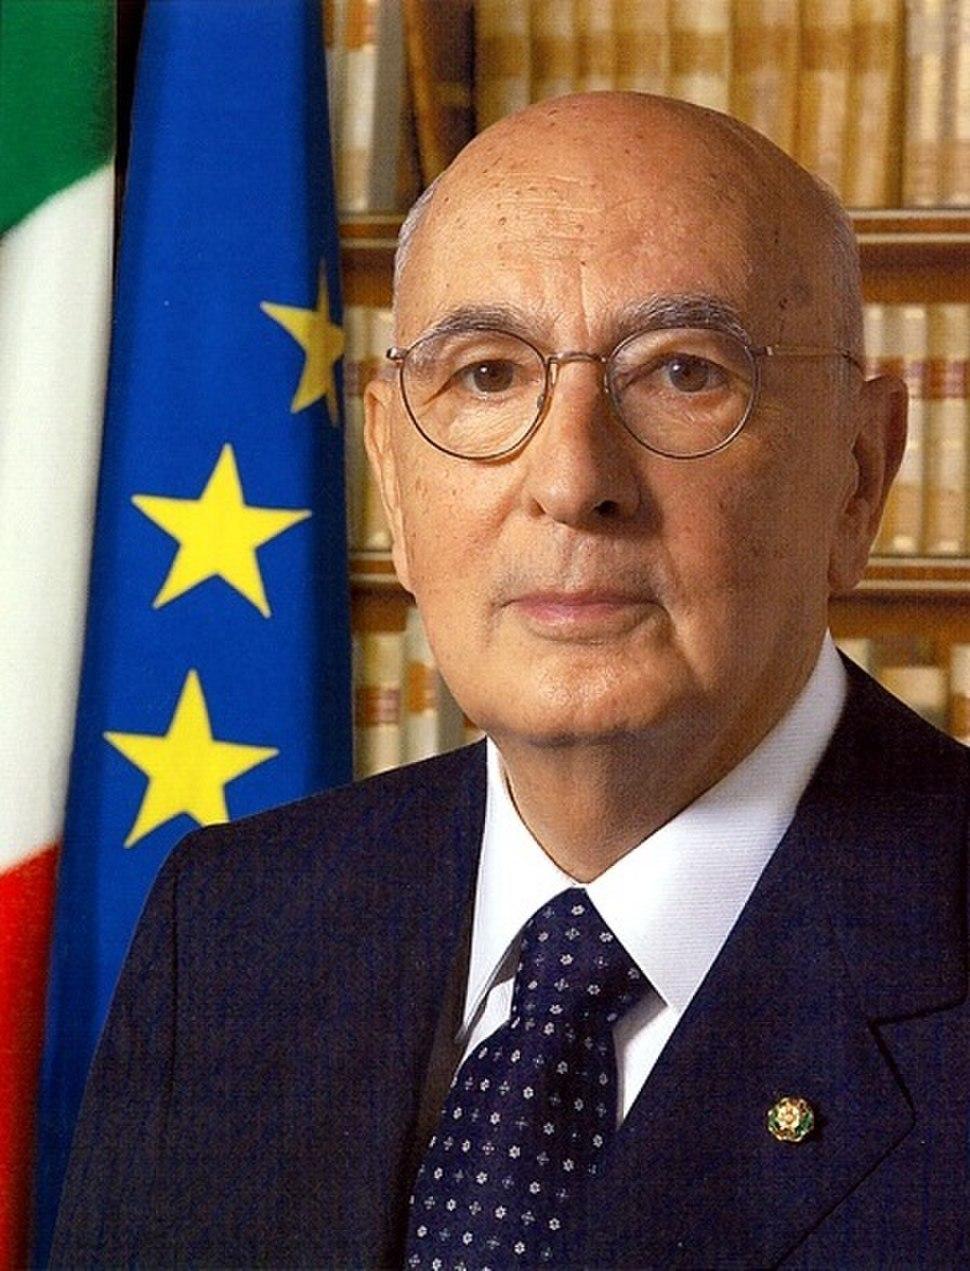 Giorgio Napolitano2006–2015 (1925-06-25) 25 June 1925 (age93)